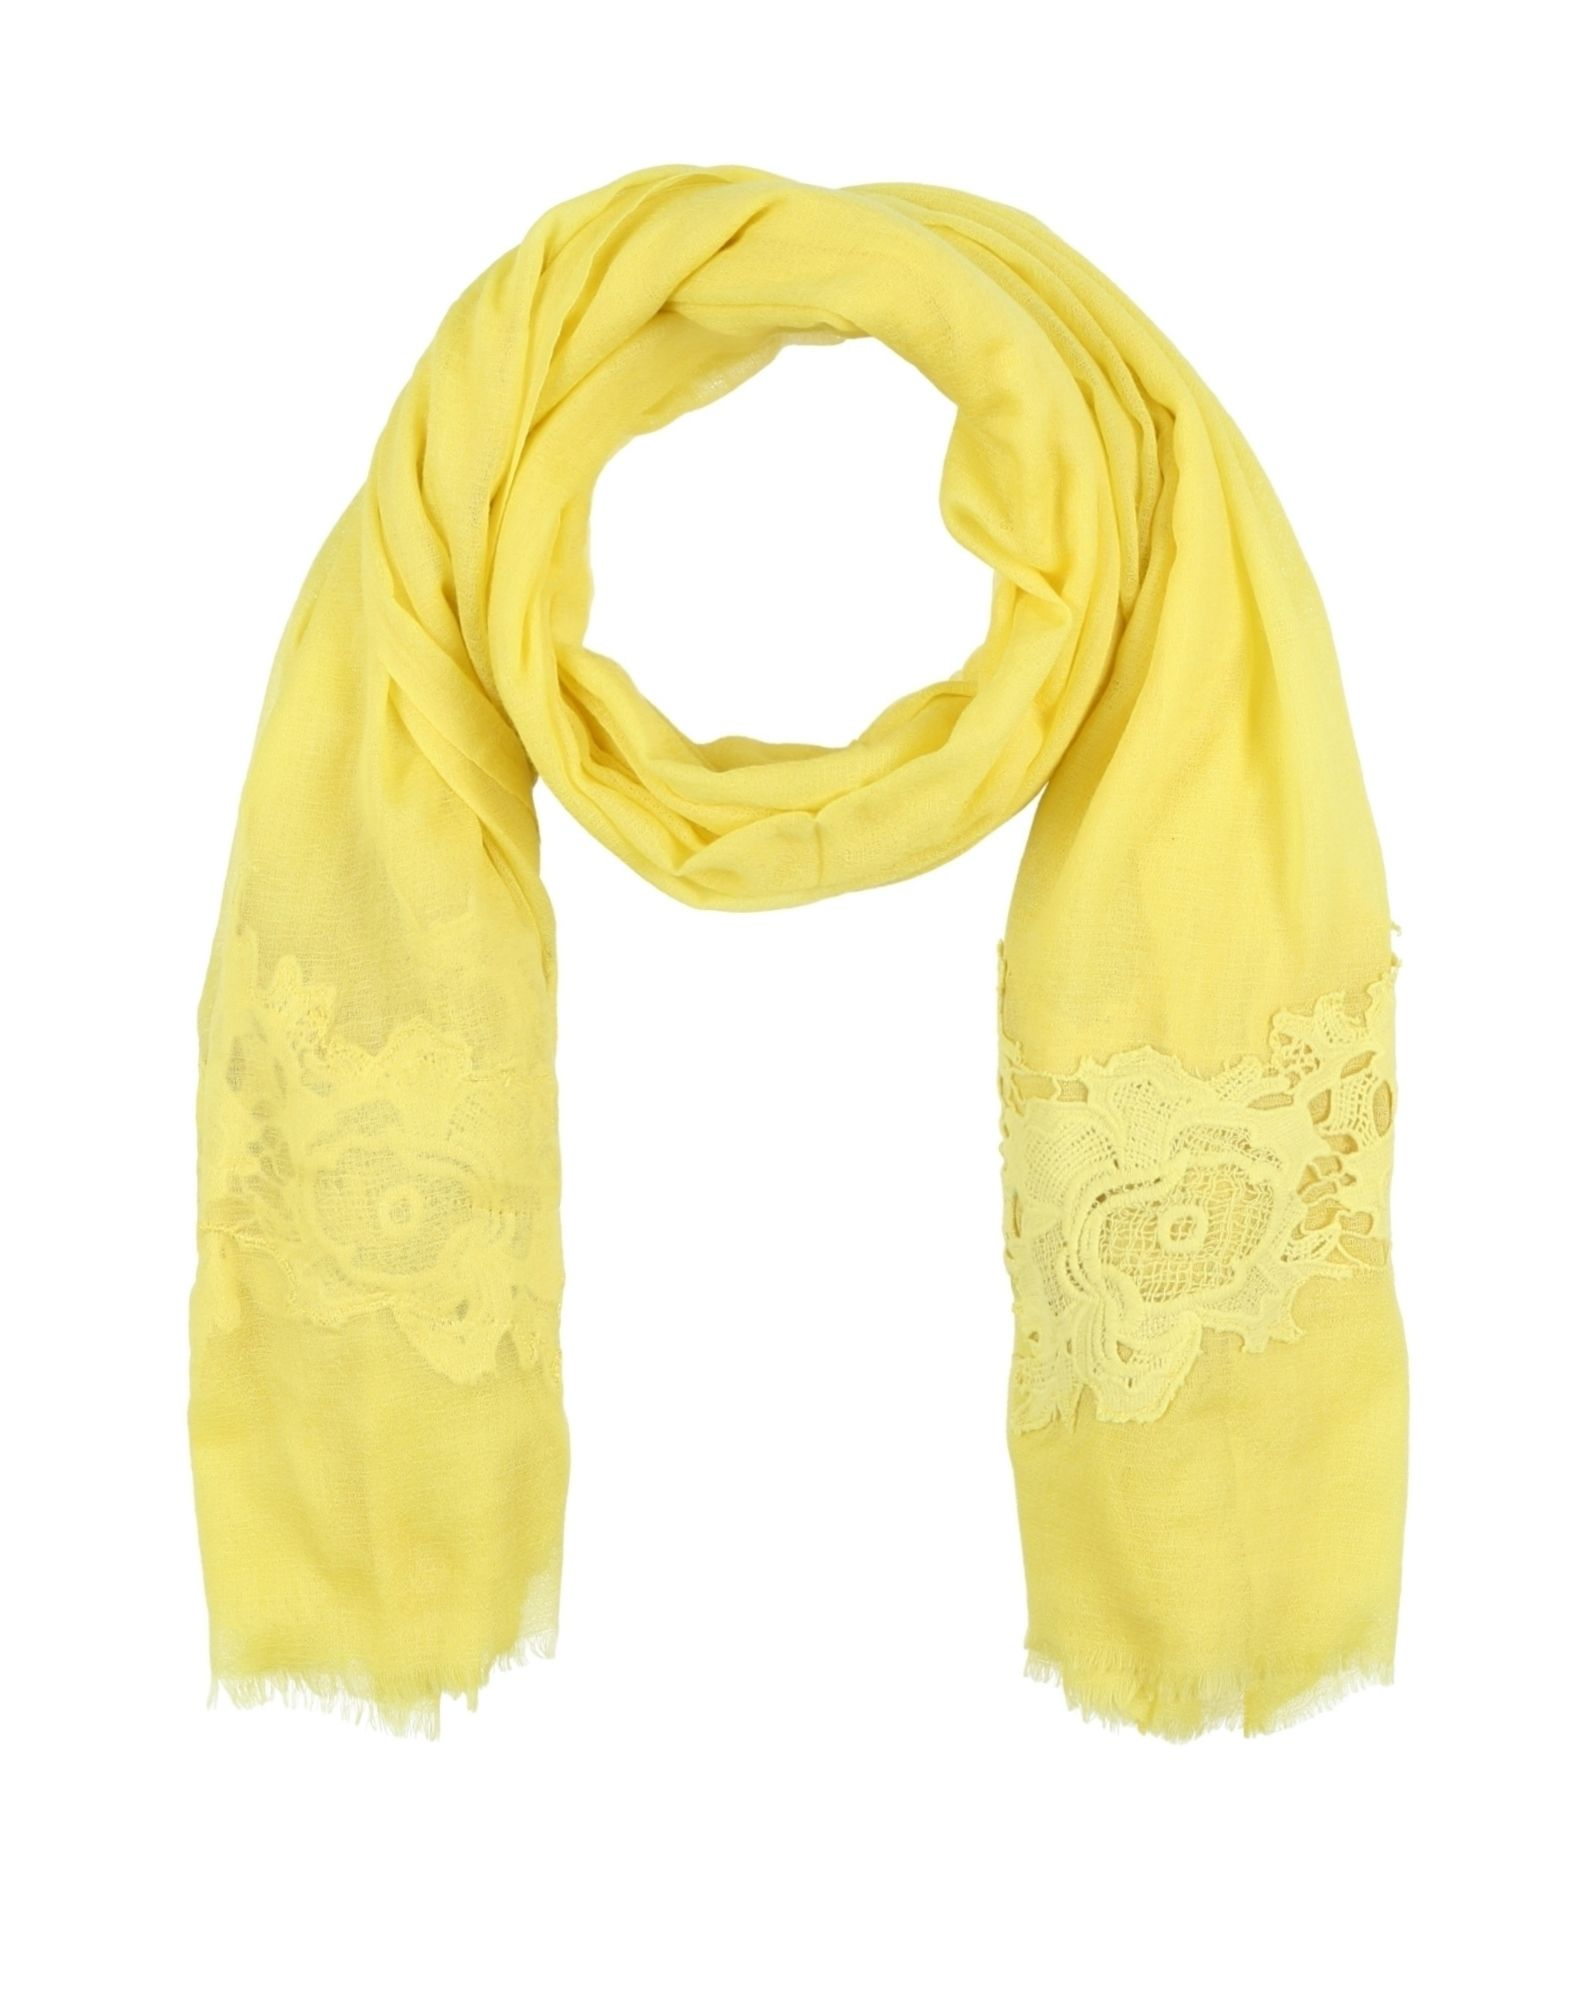 73fbe47ca p.a.r.o.s.h. cashmere scarves for women - Buy best women's p.a.r.o.s.h. cashmere  scarves on Cools.com Shop